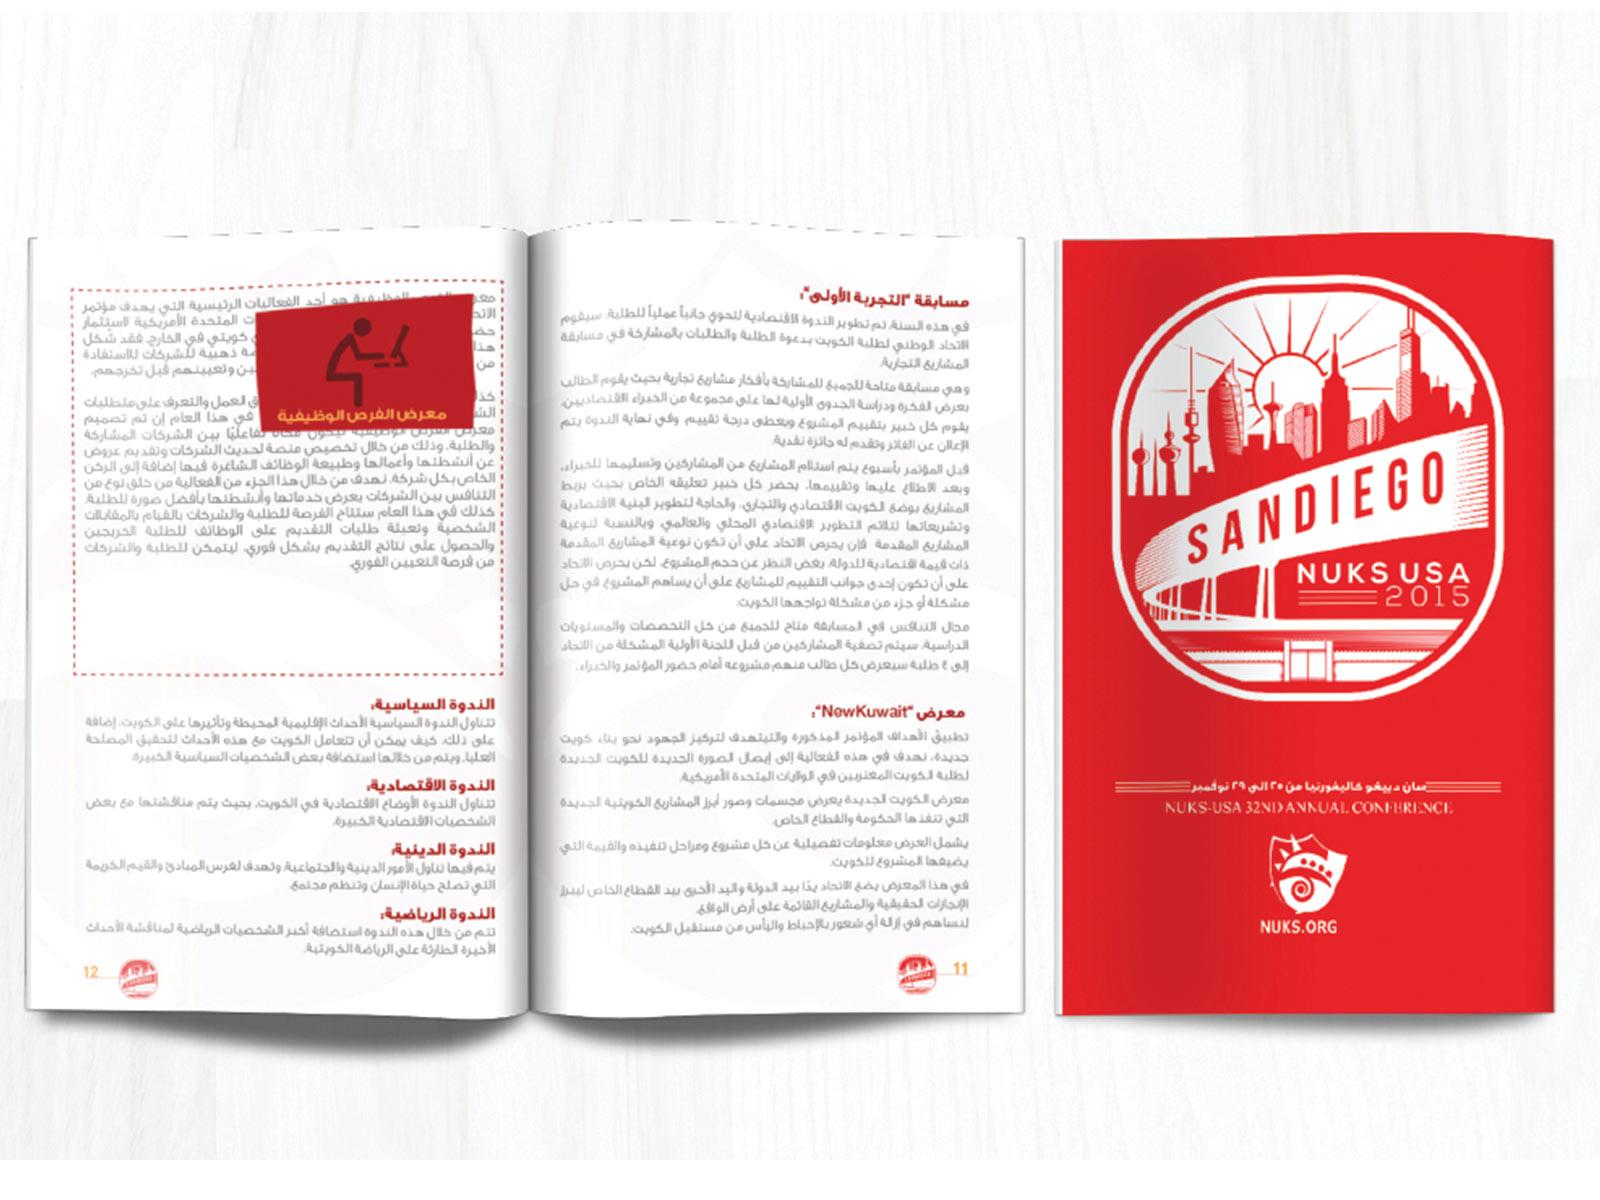 inkservice-ourwork-NUKS-kuwait